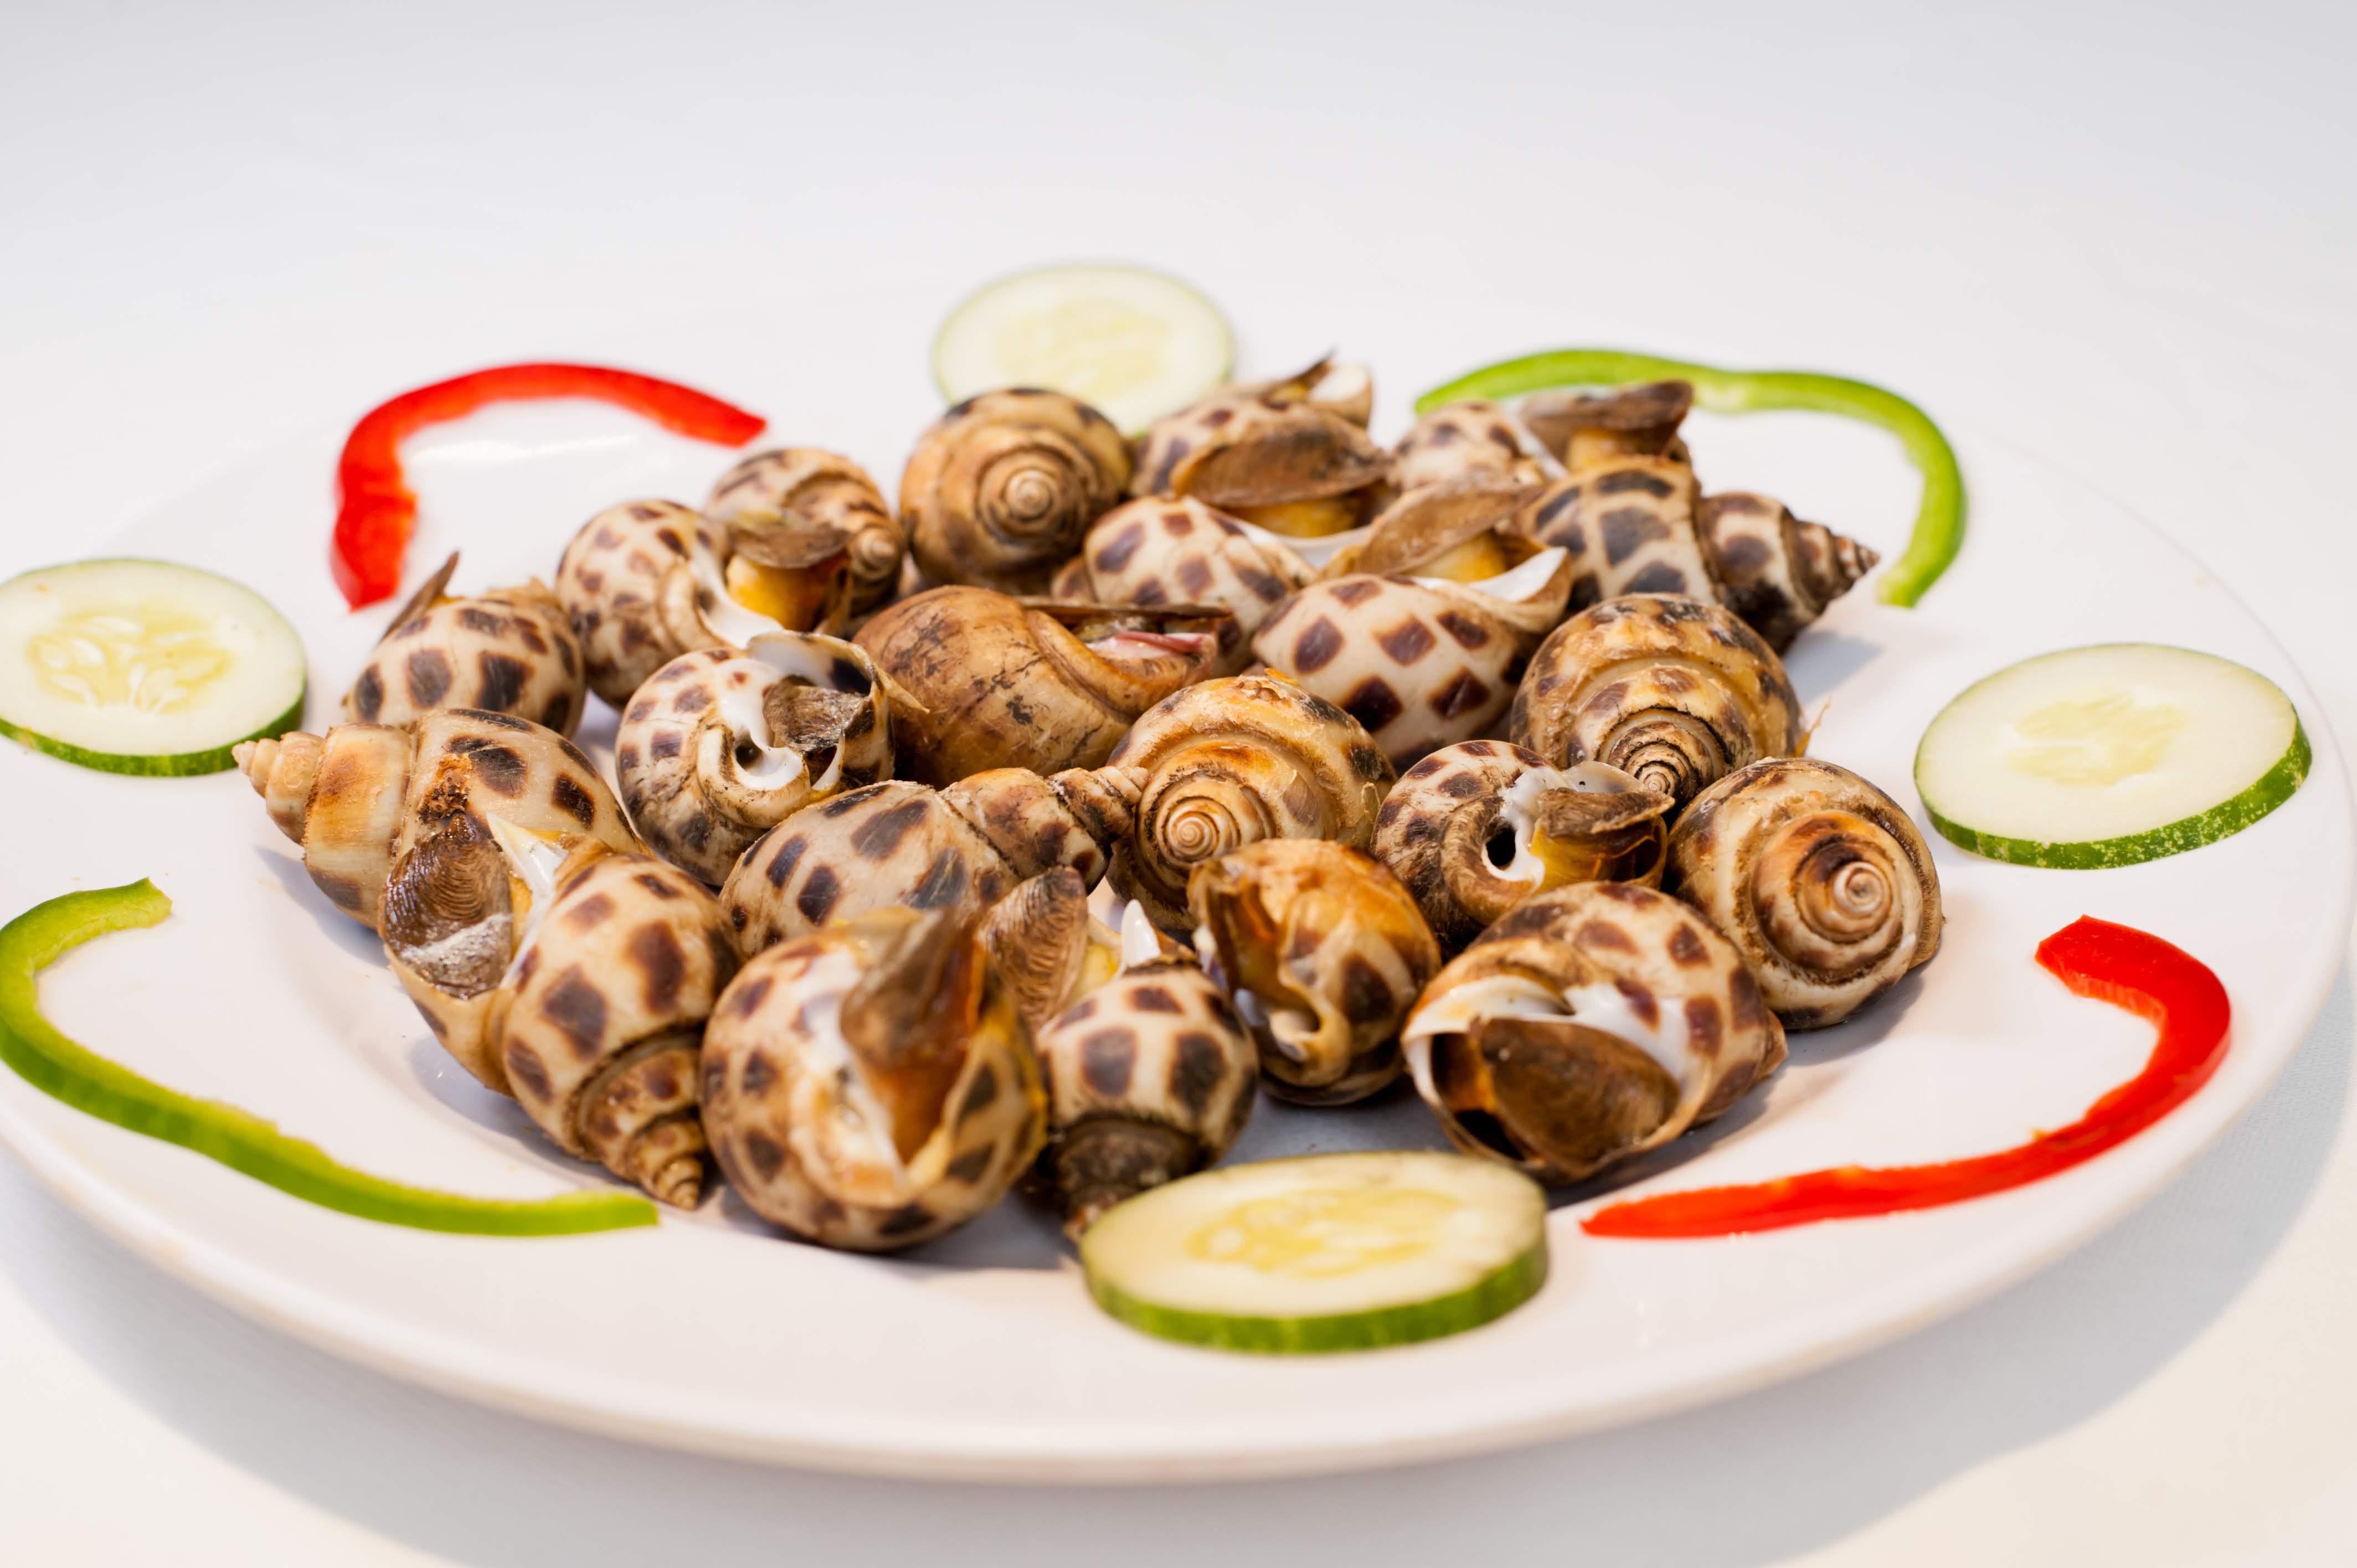 Ốc Hương Nướng / Sweet snail Grilled